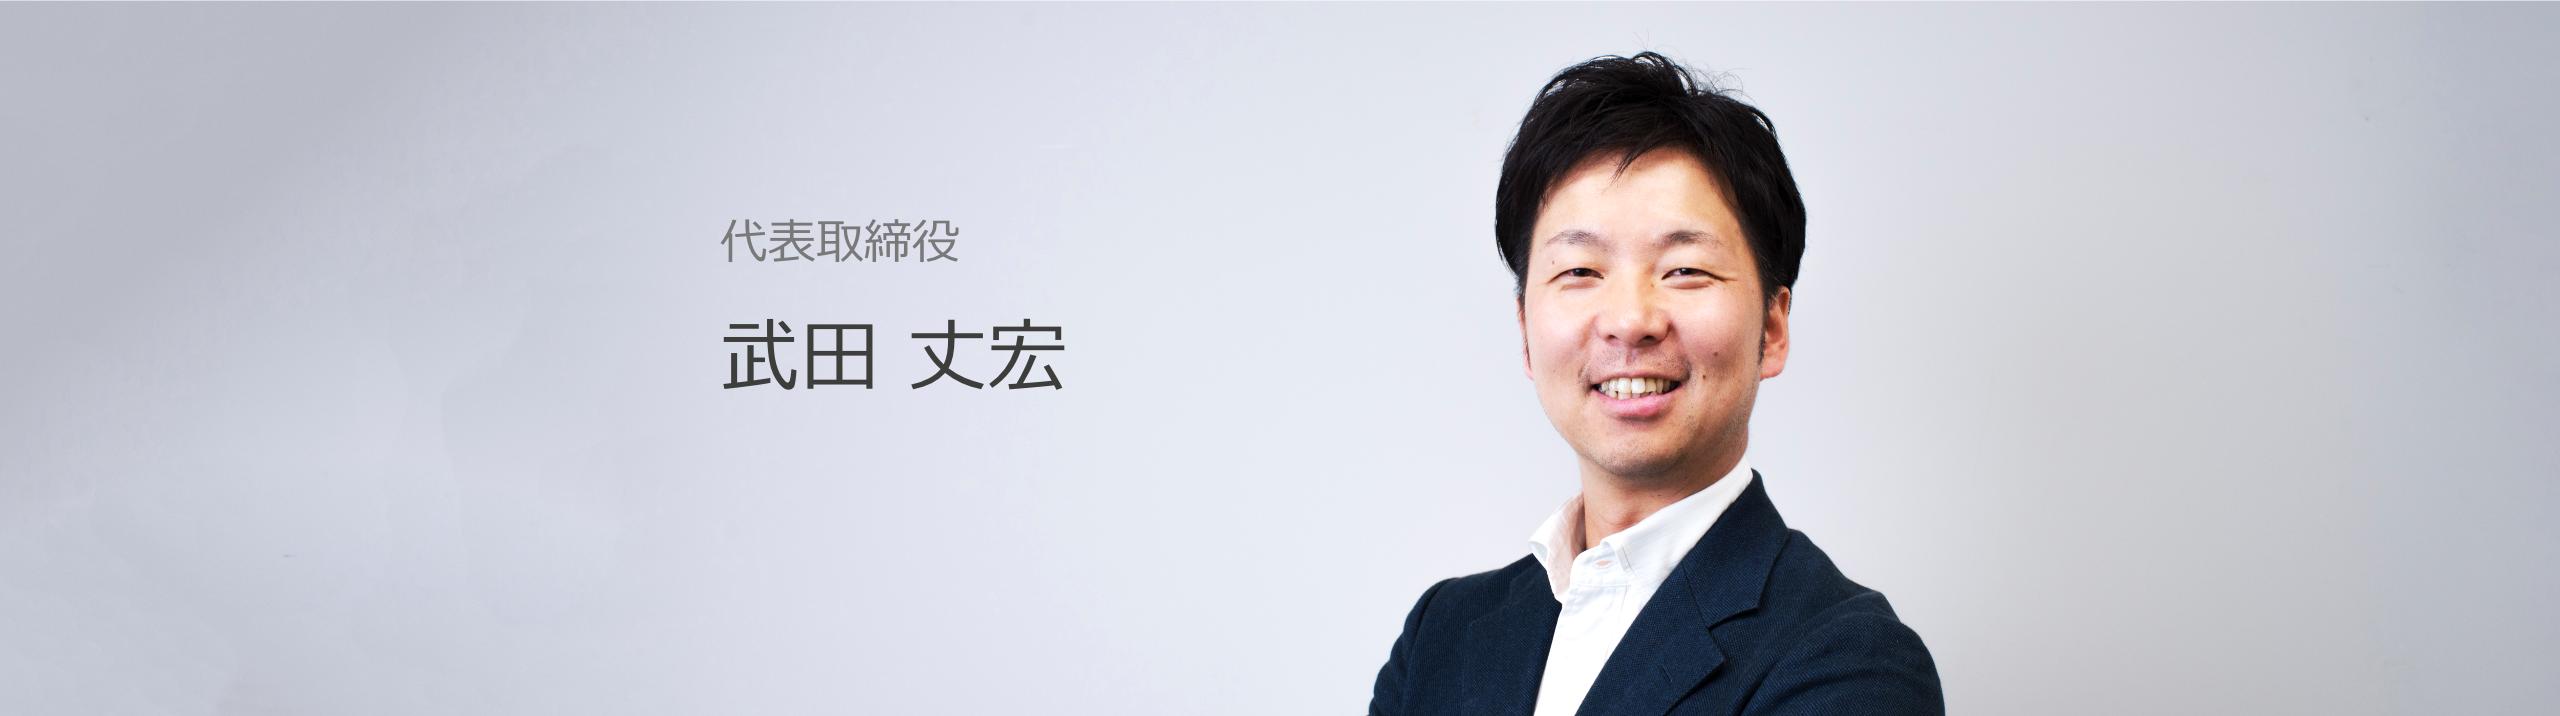 代表取締役社長 武田たけひろ